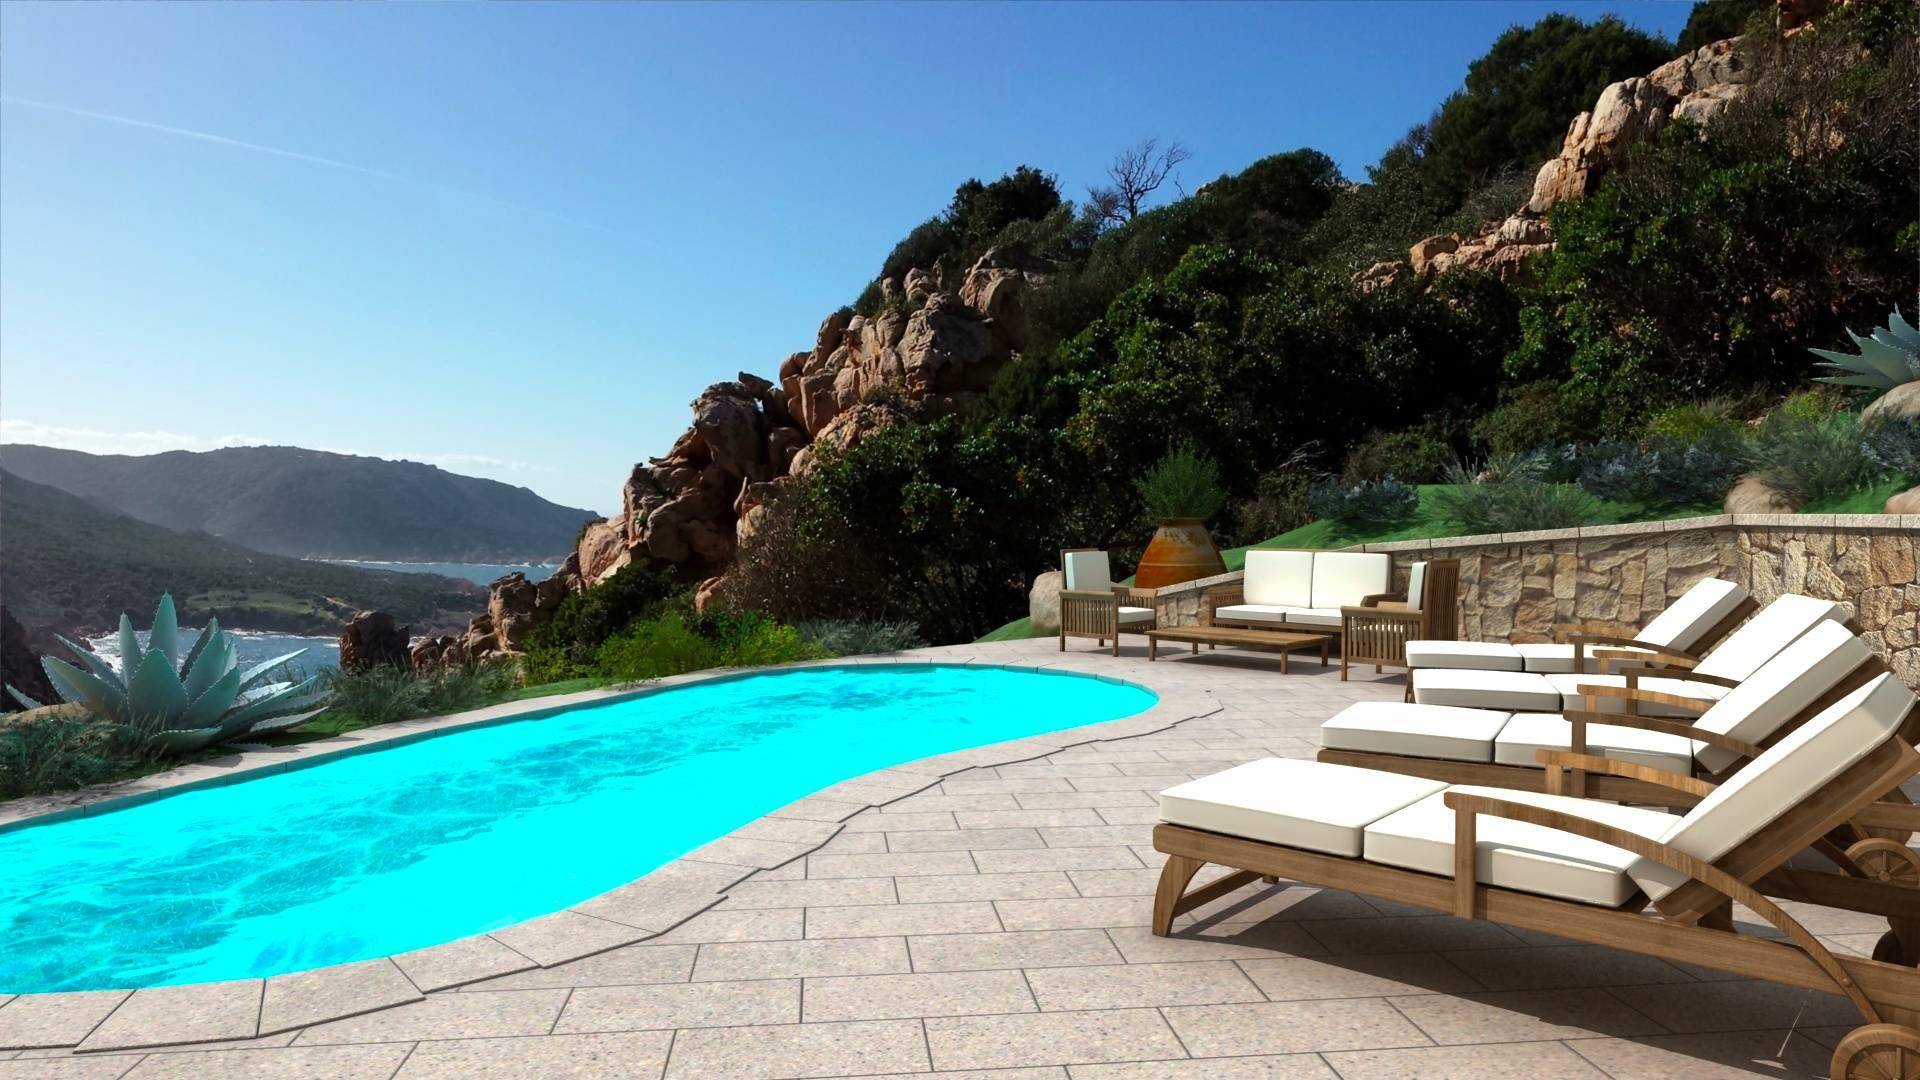 Villa in vendita a Trinità d'Agultu e Vignola, 10 locali, prezzo € 600.000 | CambioCasa.it